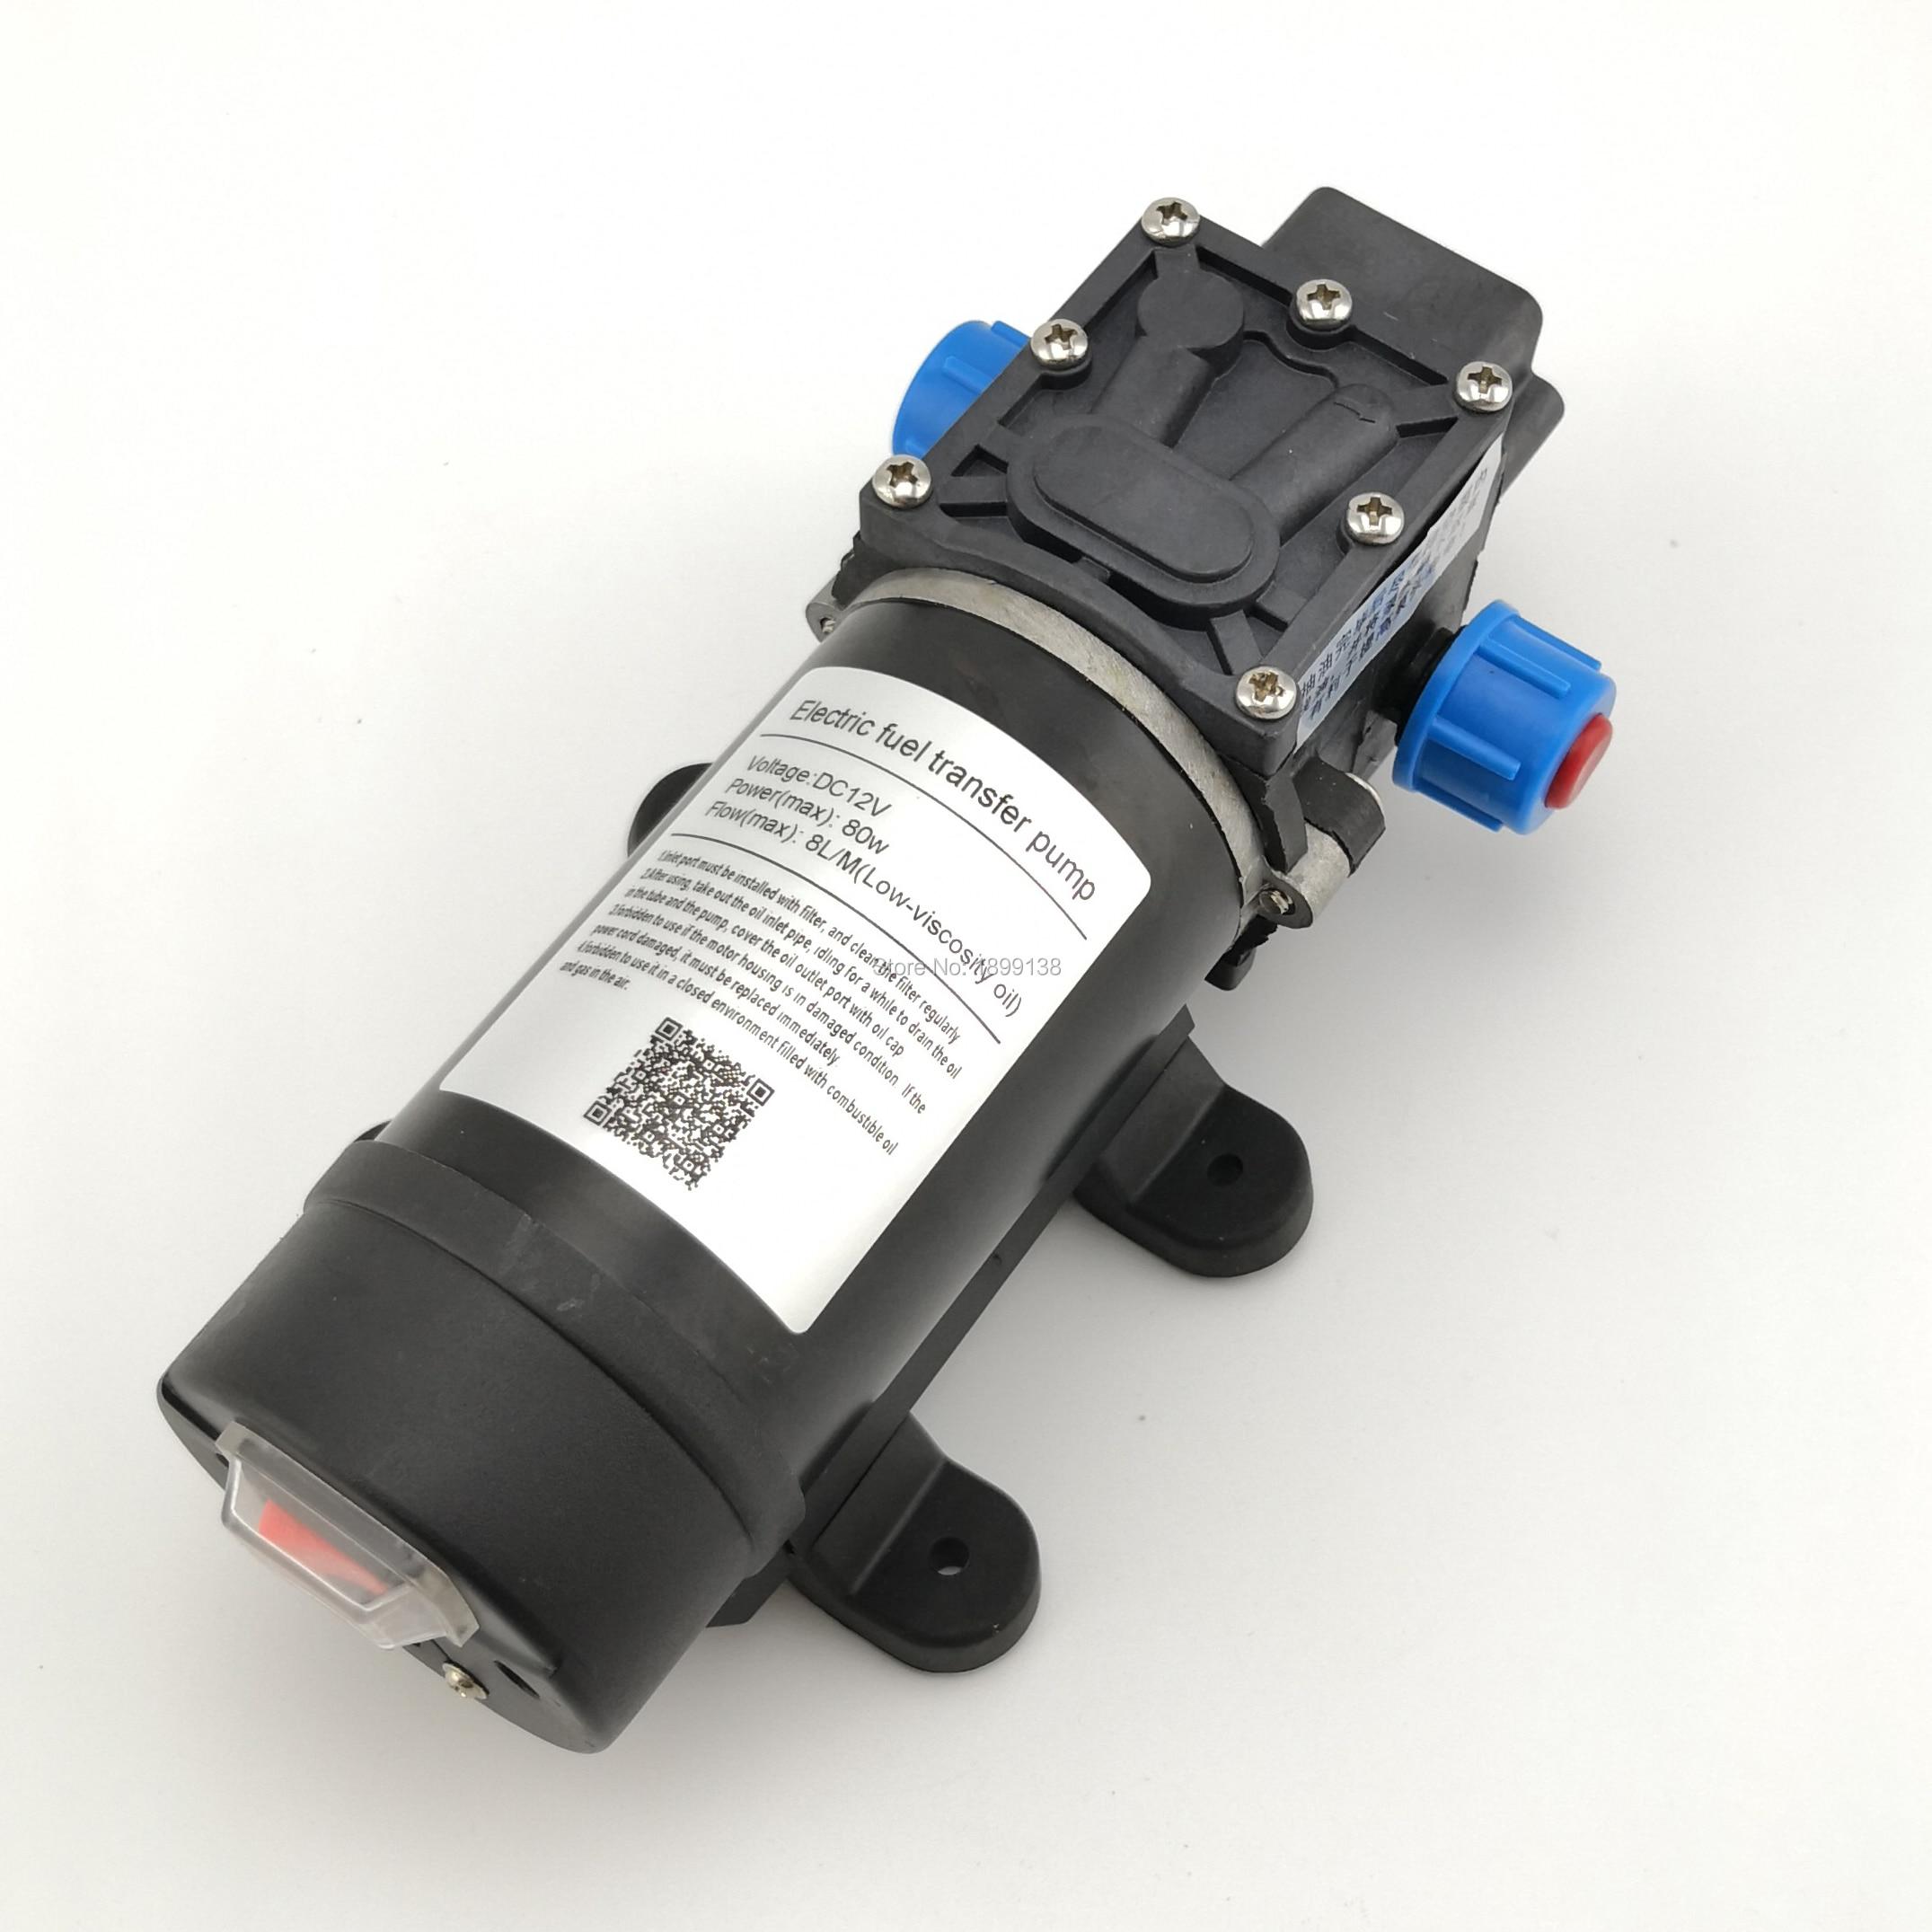 Pompe à mazout portative de diaphragme de 80 W 8LPM mini pompe de transfert de carburant électrique auto-amorçante de cc de 12 volts pour le diesel et l'essence